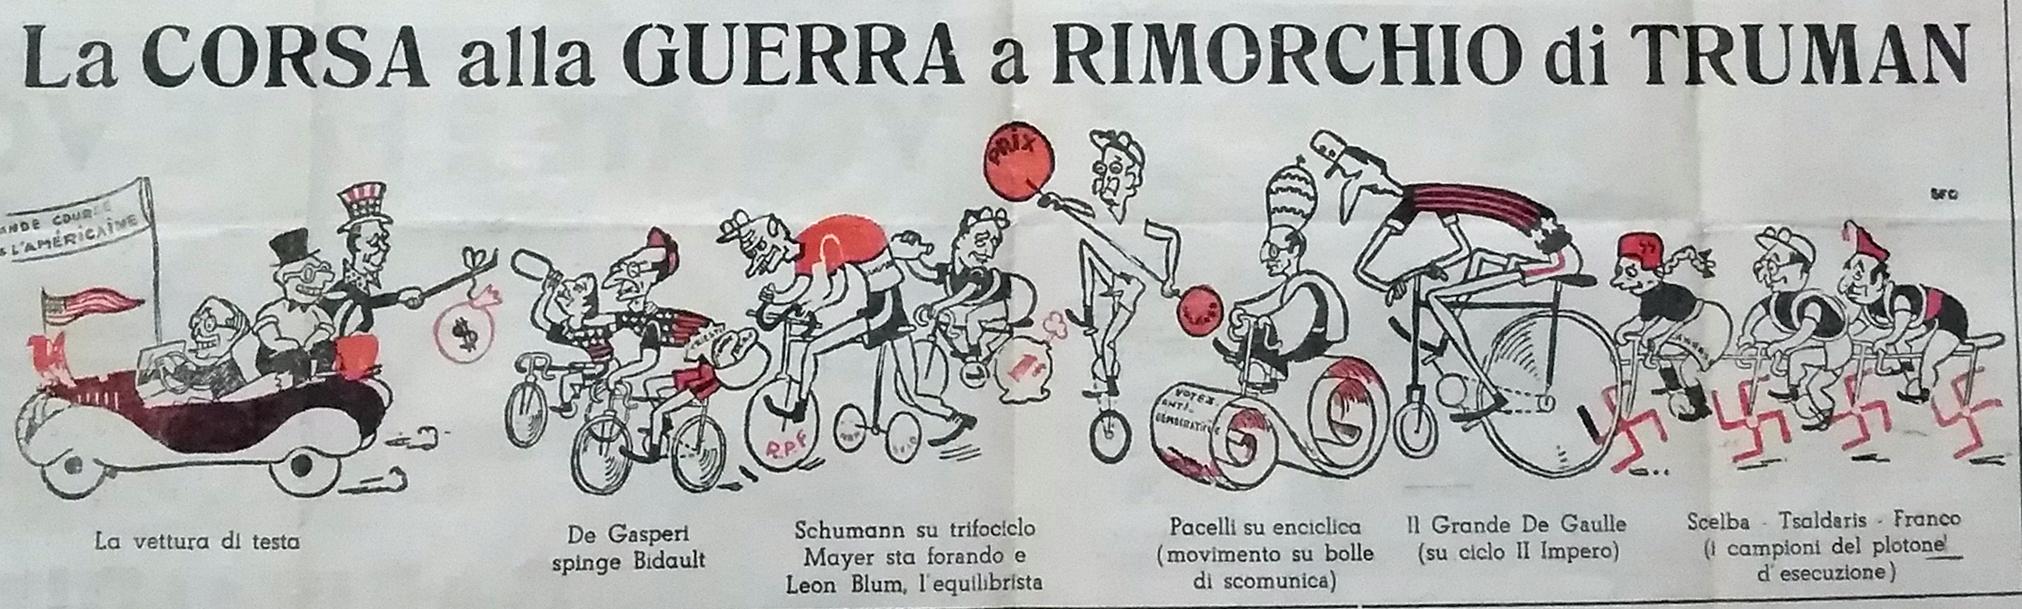 """Elezioni del 1948 a Modena. Vignetta pubblicata su """"La verità"""", settimanale della Federazione modenese del PCI."""